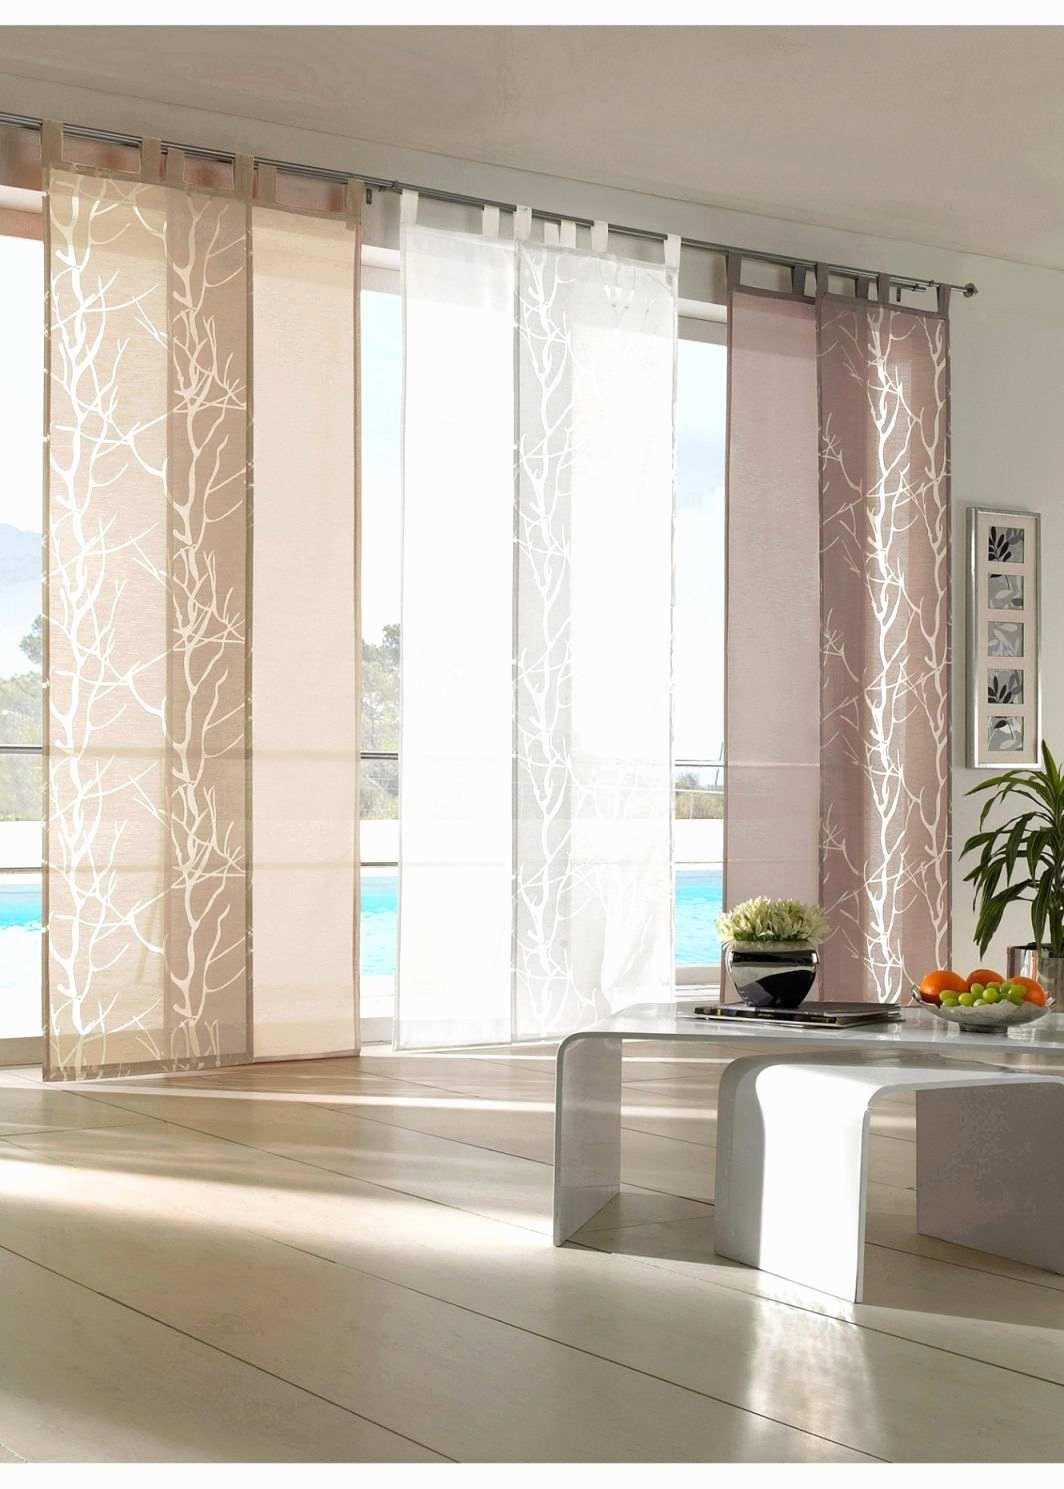 Kreative Wohnideen Selbst Gemacht Genial 59 Einzigartig Esszimmer Modern Luxus Reizend